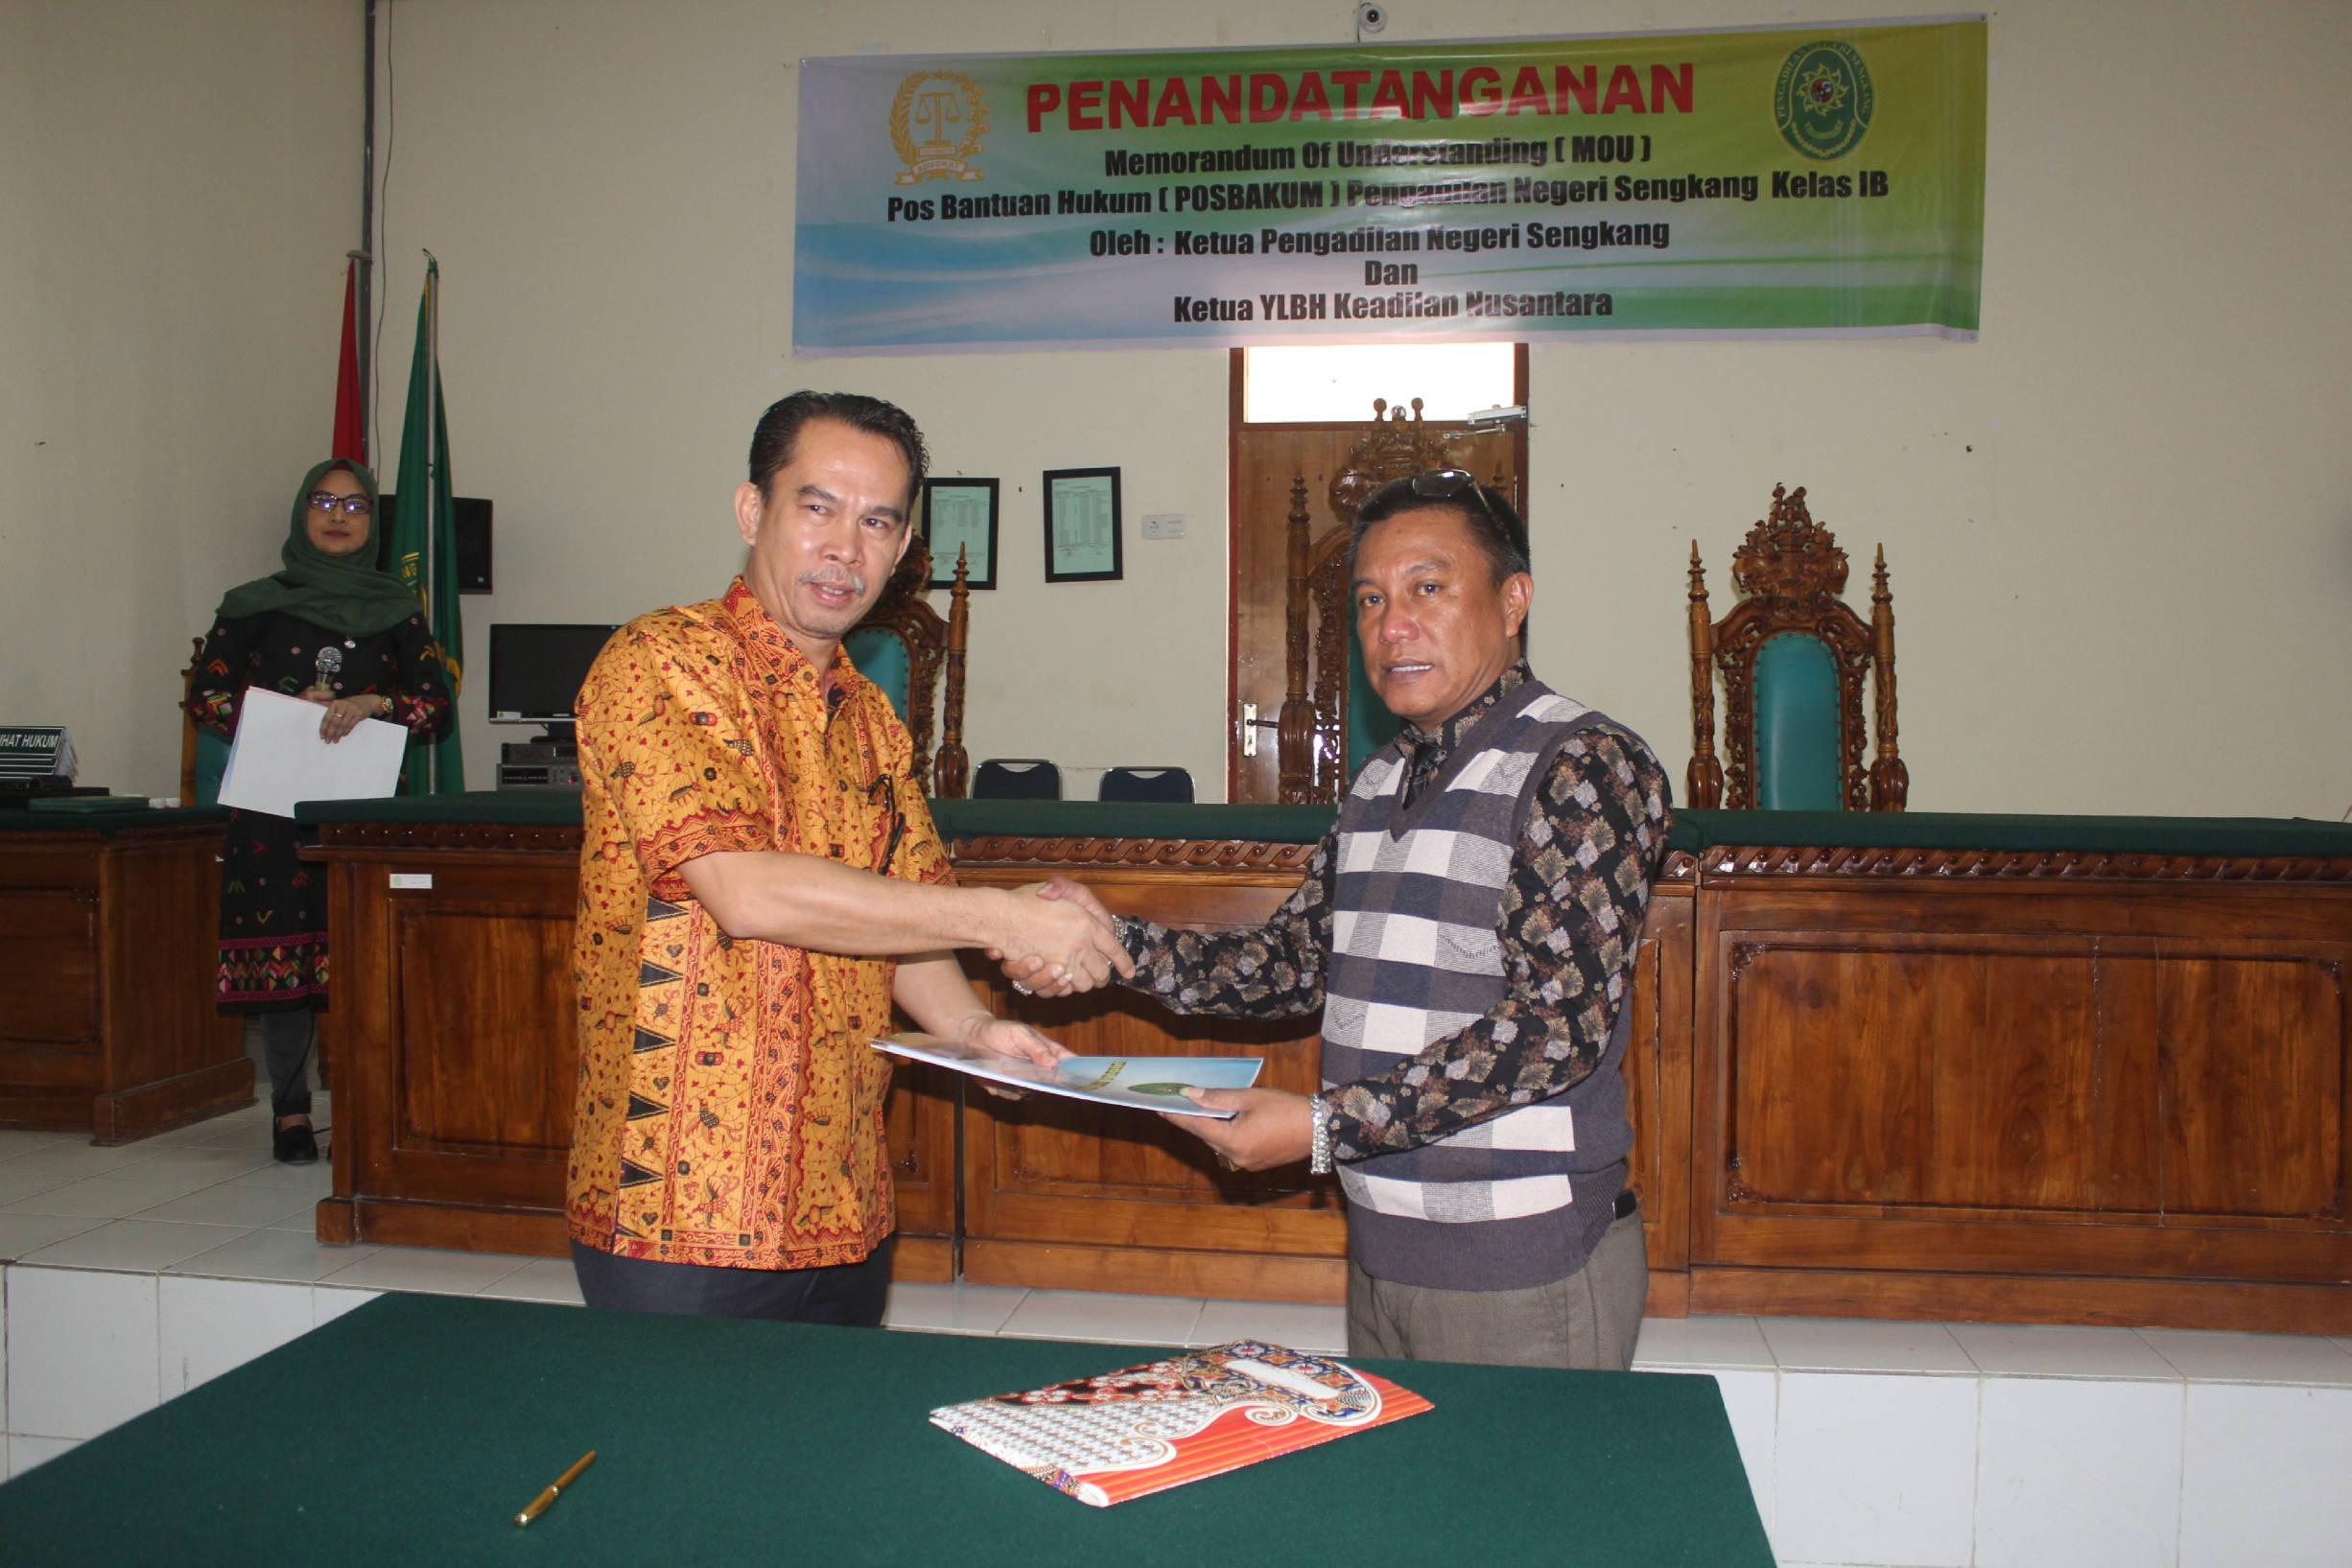 Penandatanganan Memorandum of Understanding (MoU) Posbakum TA. 2019